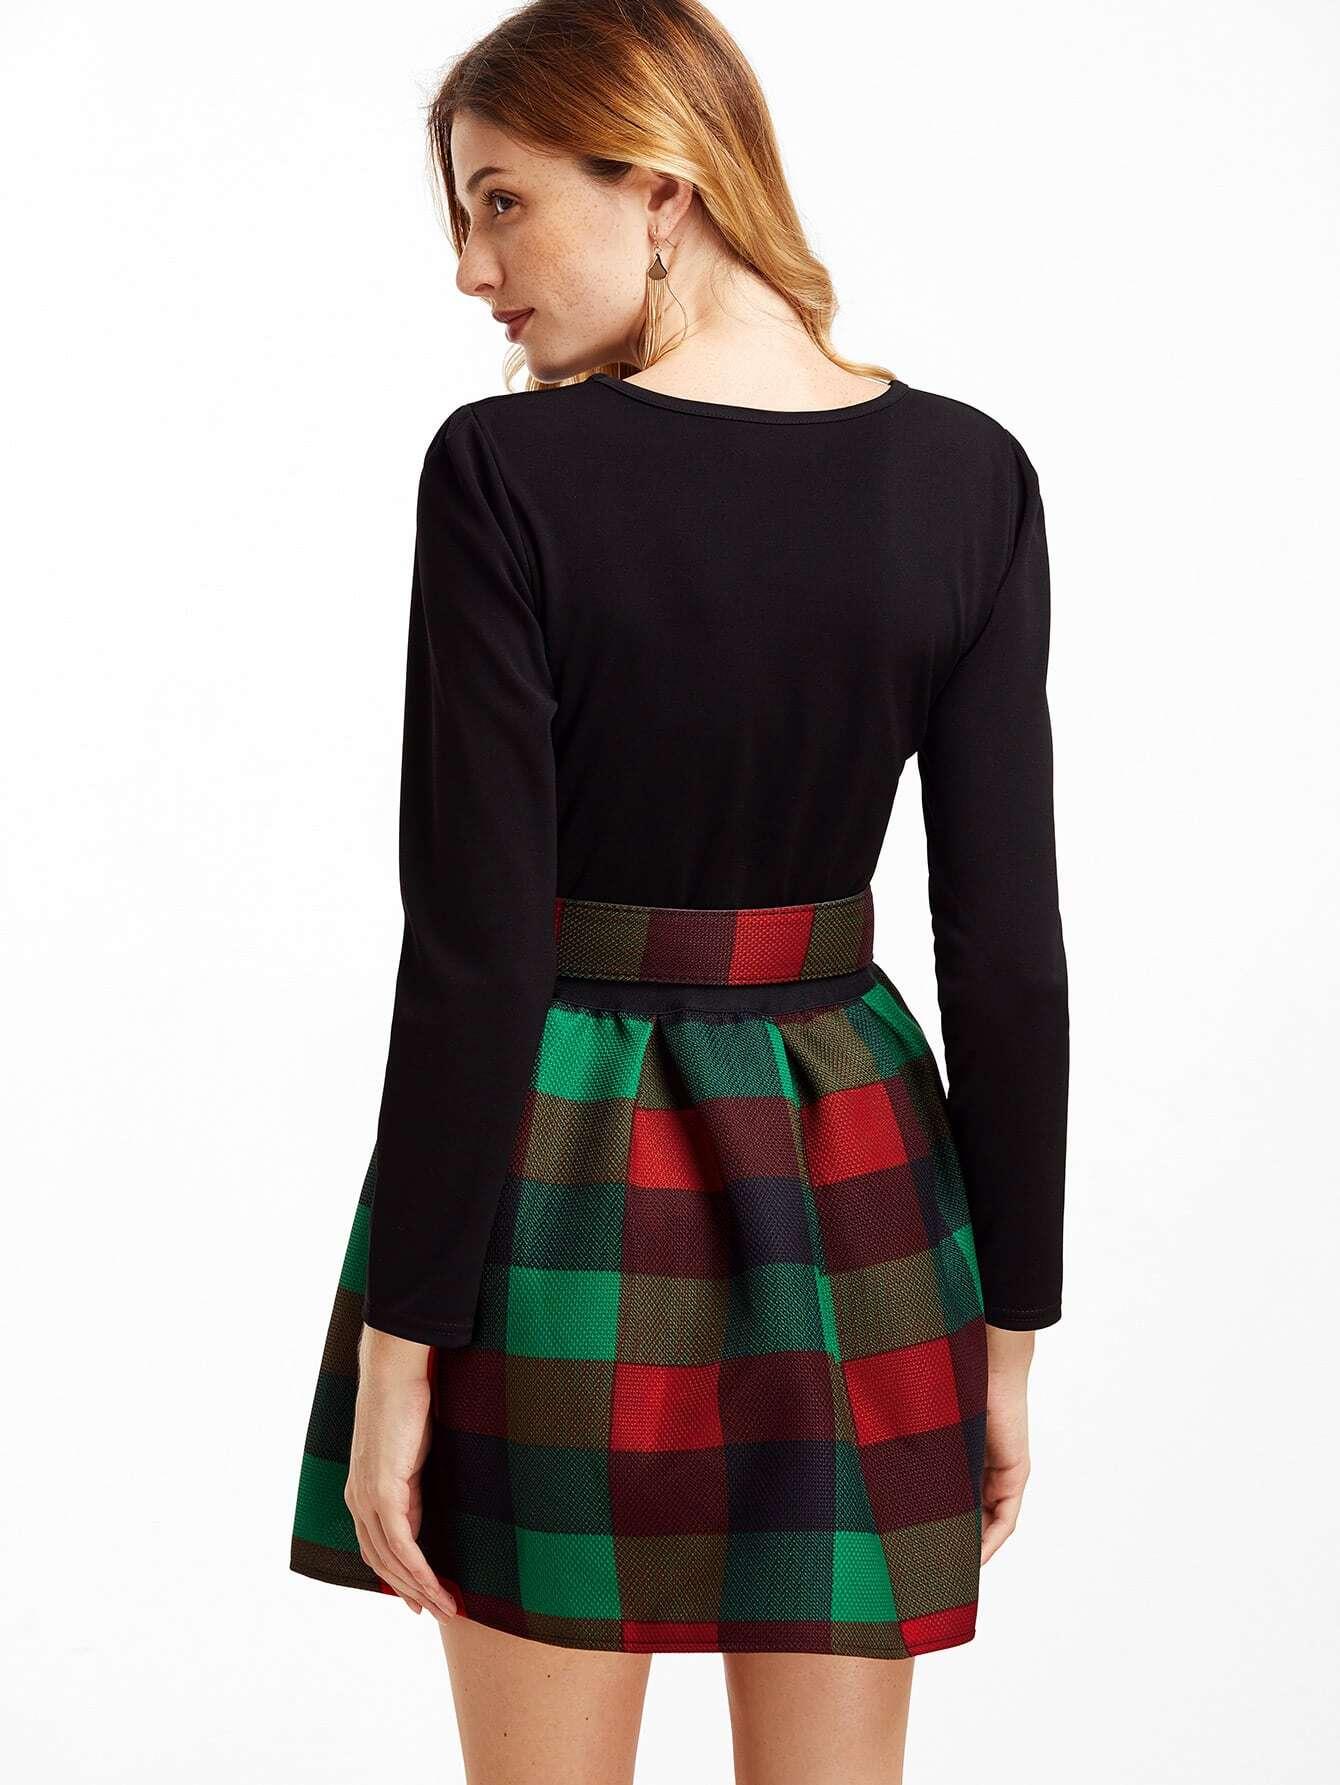 dress161006104_2